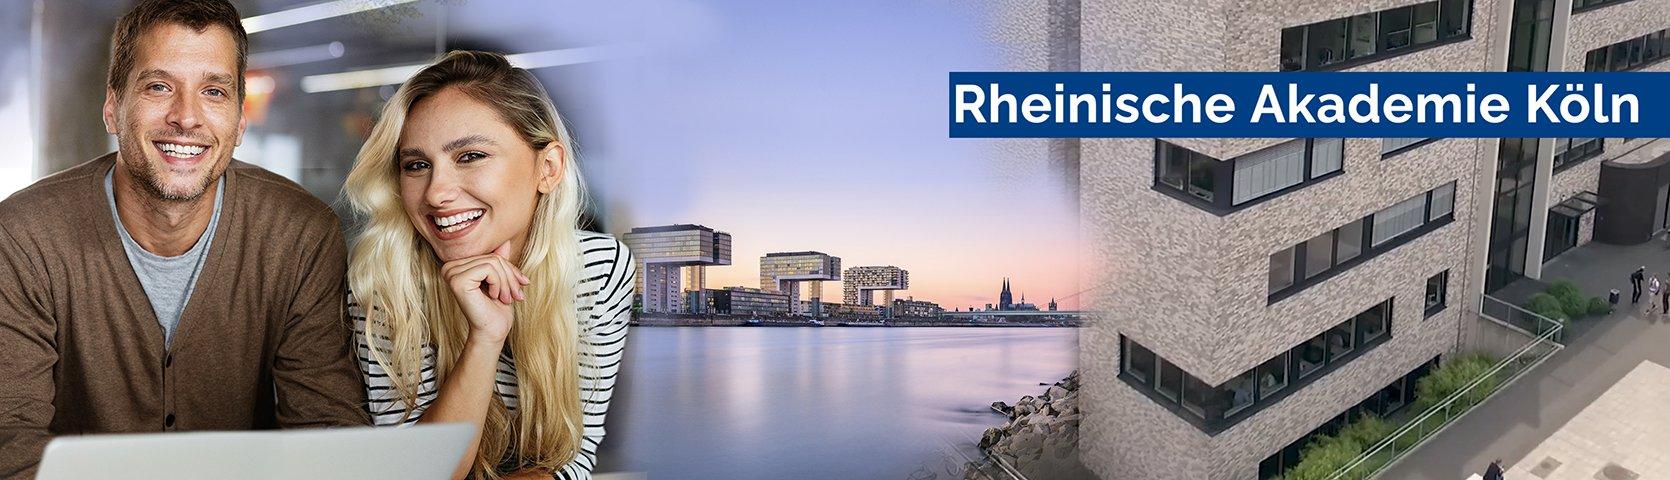 Rheinische Akademie Köln gGmbH